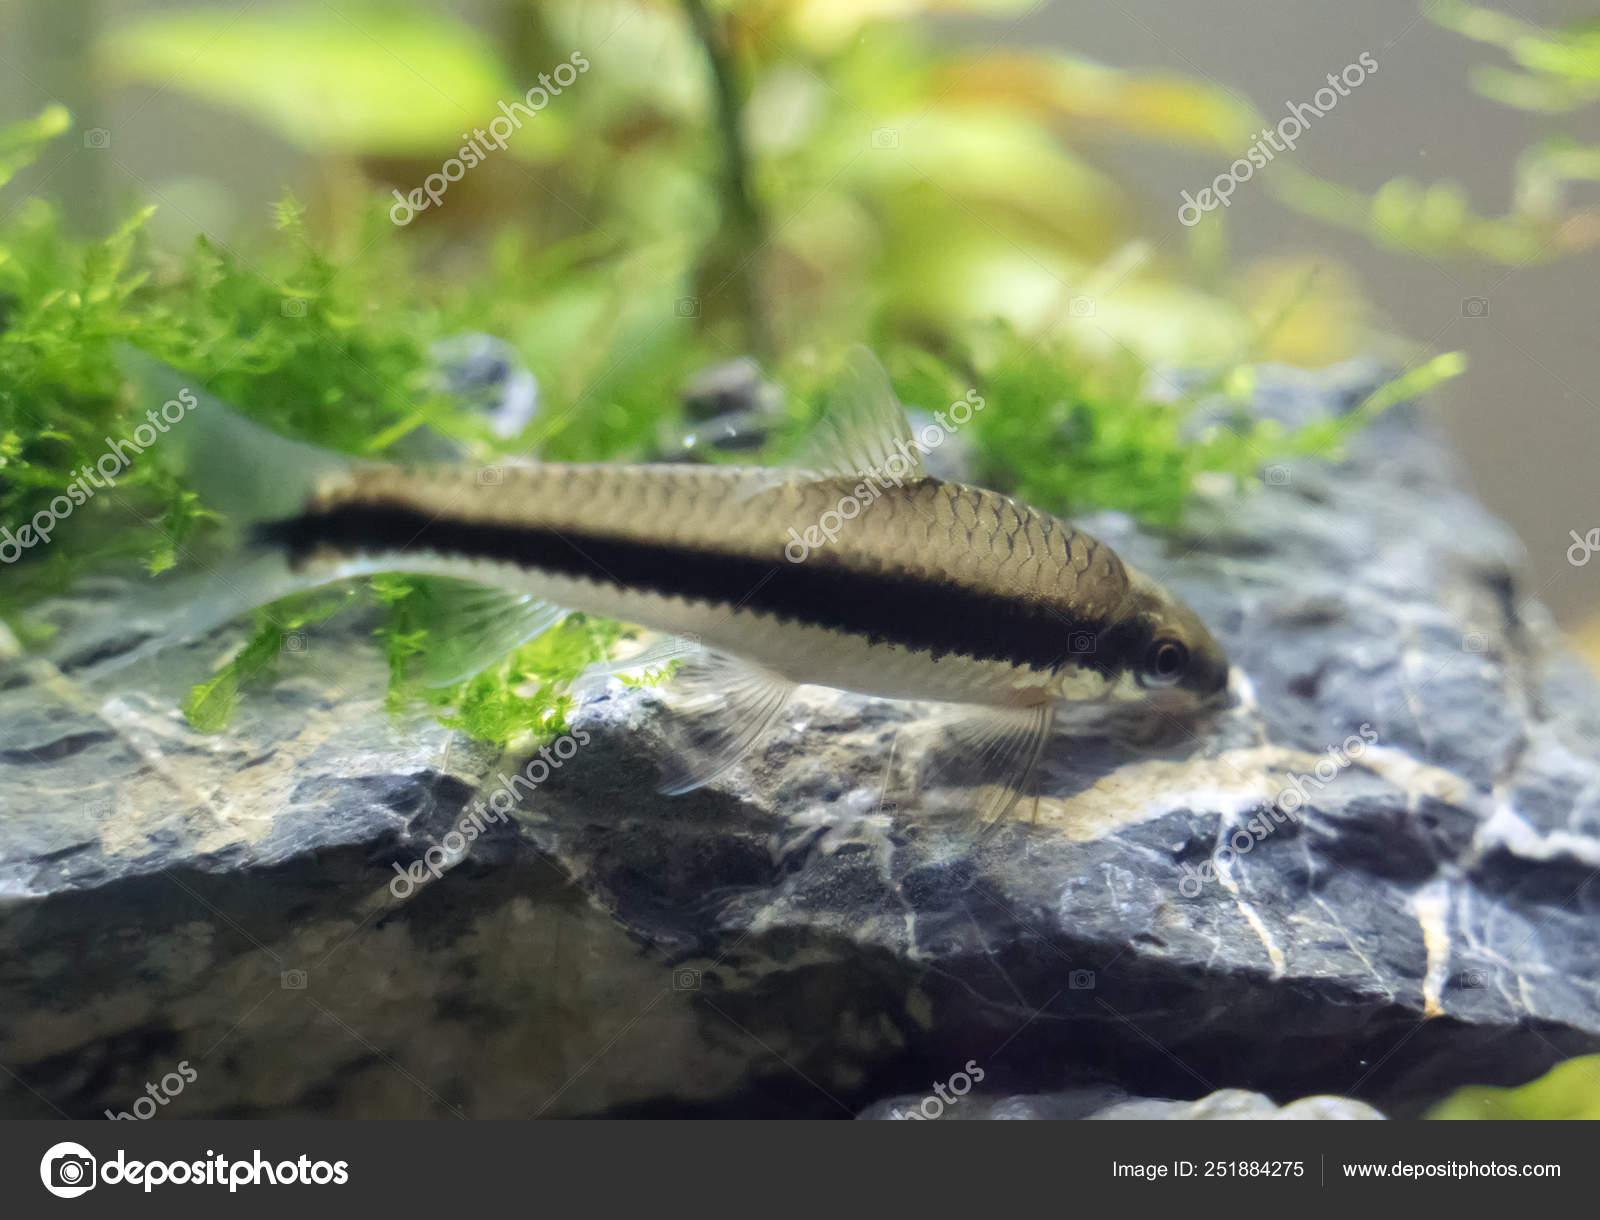 Siamese Algae Eater In Freshwater Aquarium Crossocheilus Oblongus Stock Photo C Dmitrimaruta 251884275